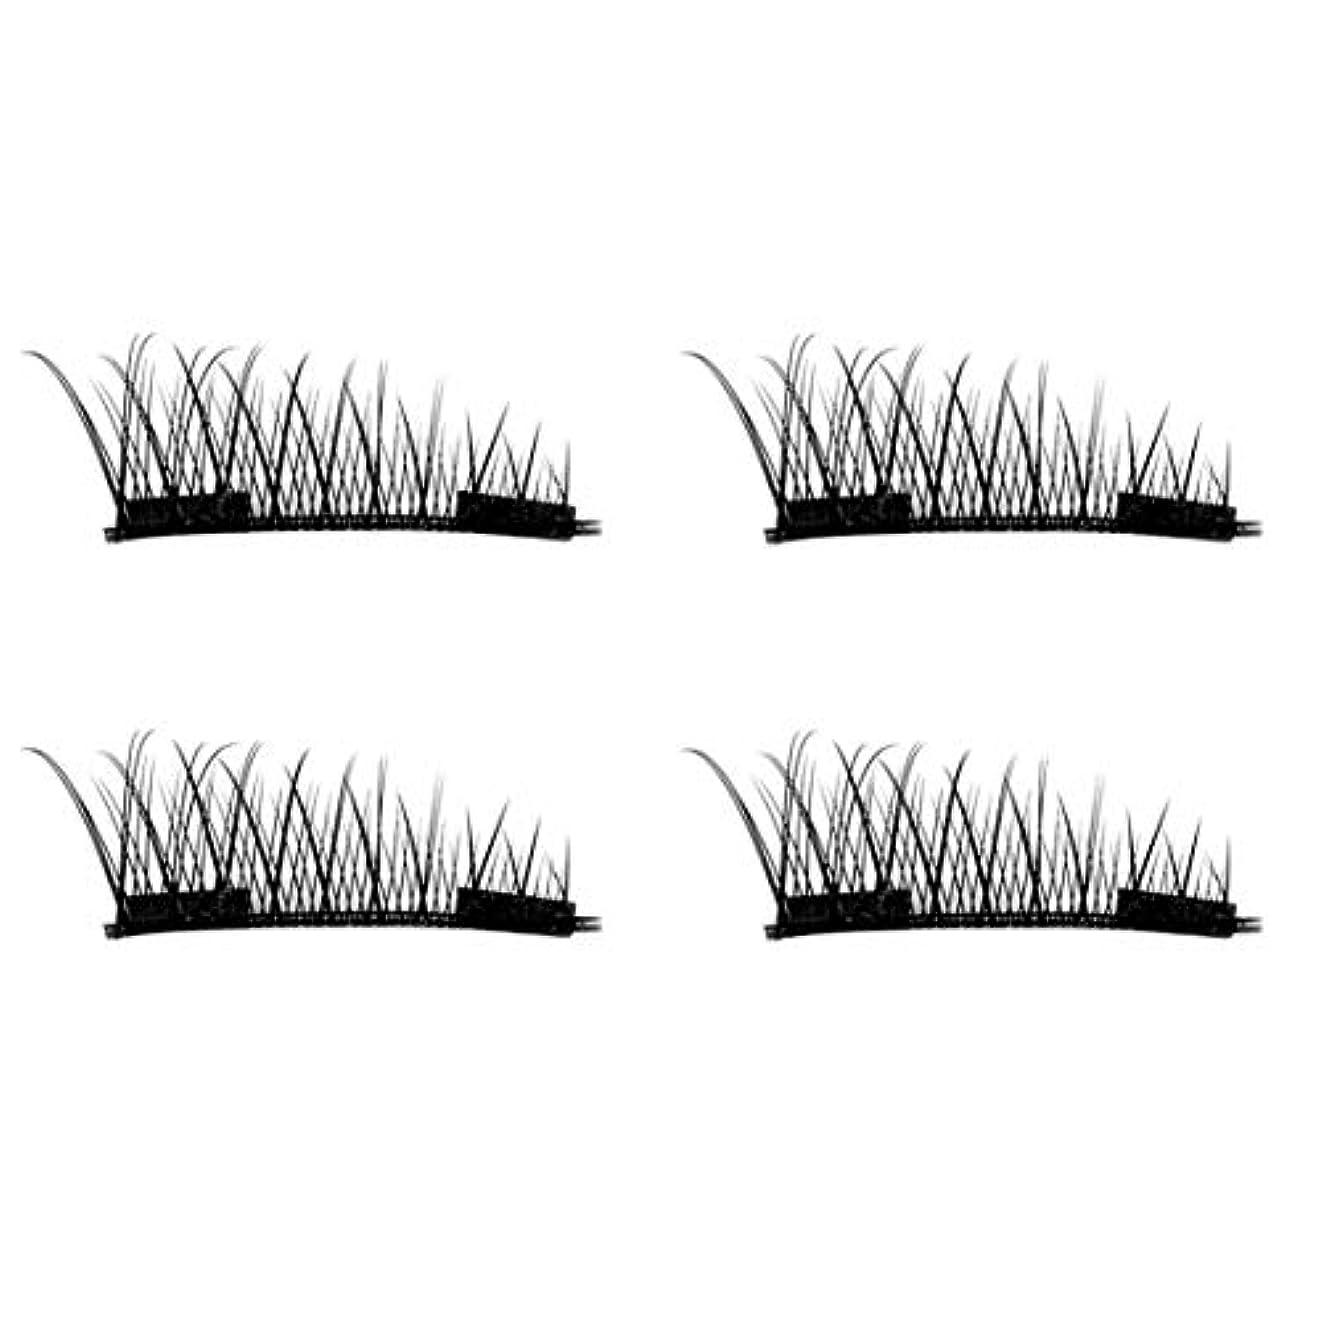 透けて見える適用する同一性4PCS / 2ペアナチュラルシックアイまつ毛のりのない3D磁気女性アイメイク美容シックロングつけまつげ